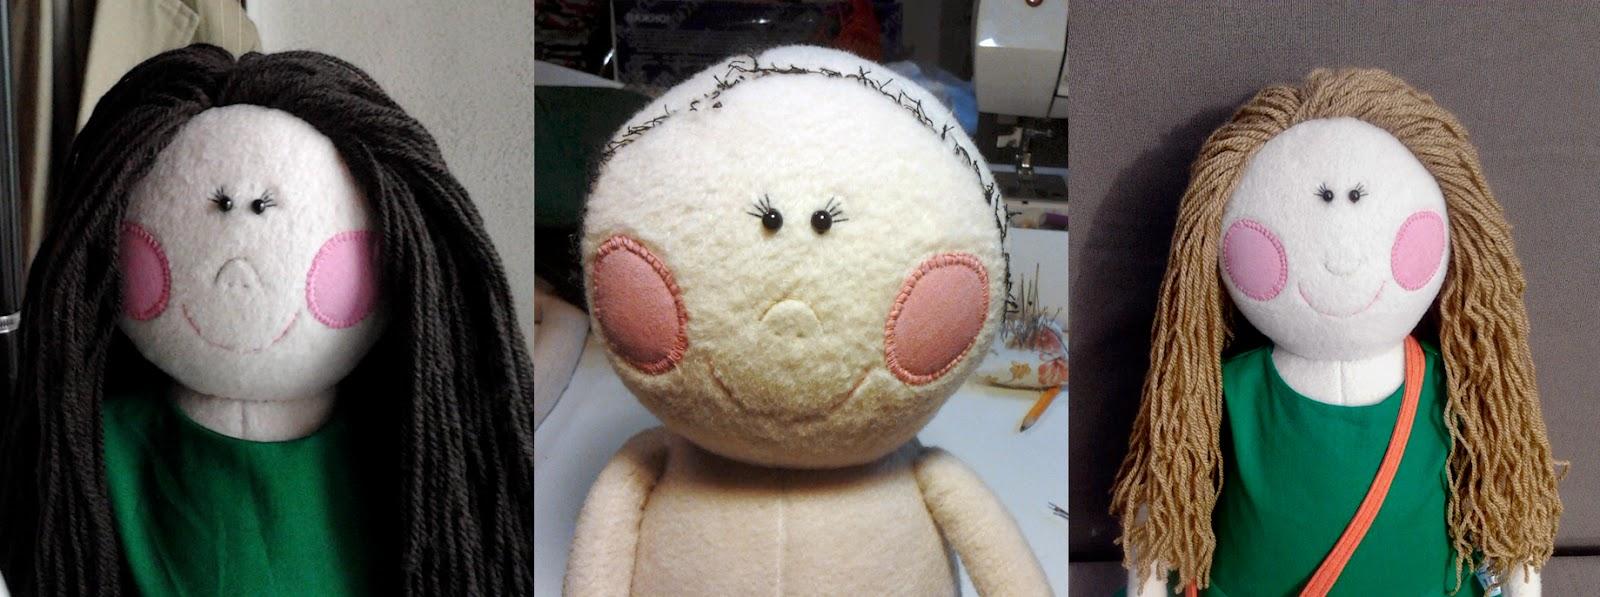 Прическа кукле